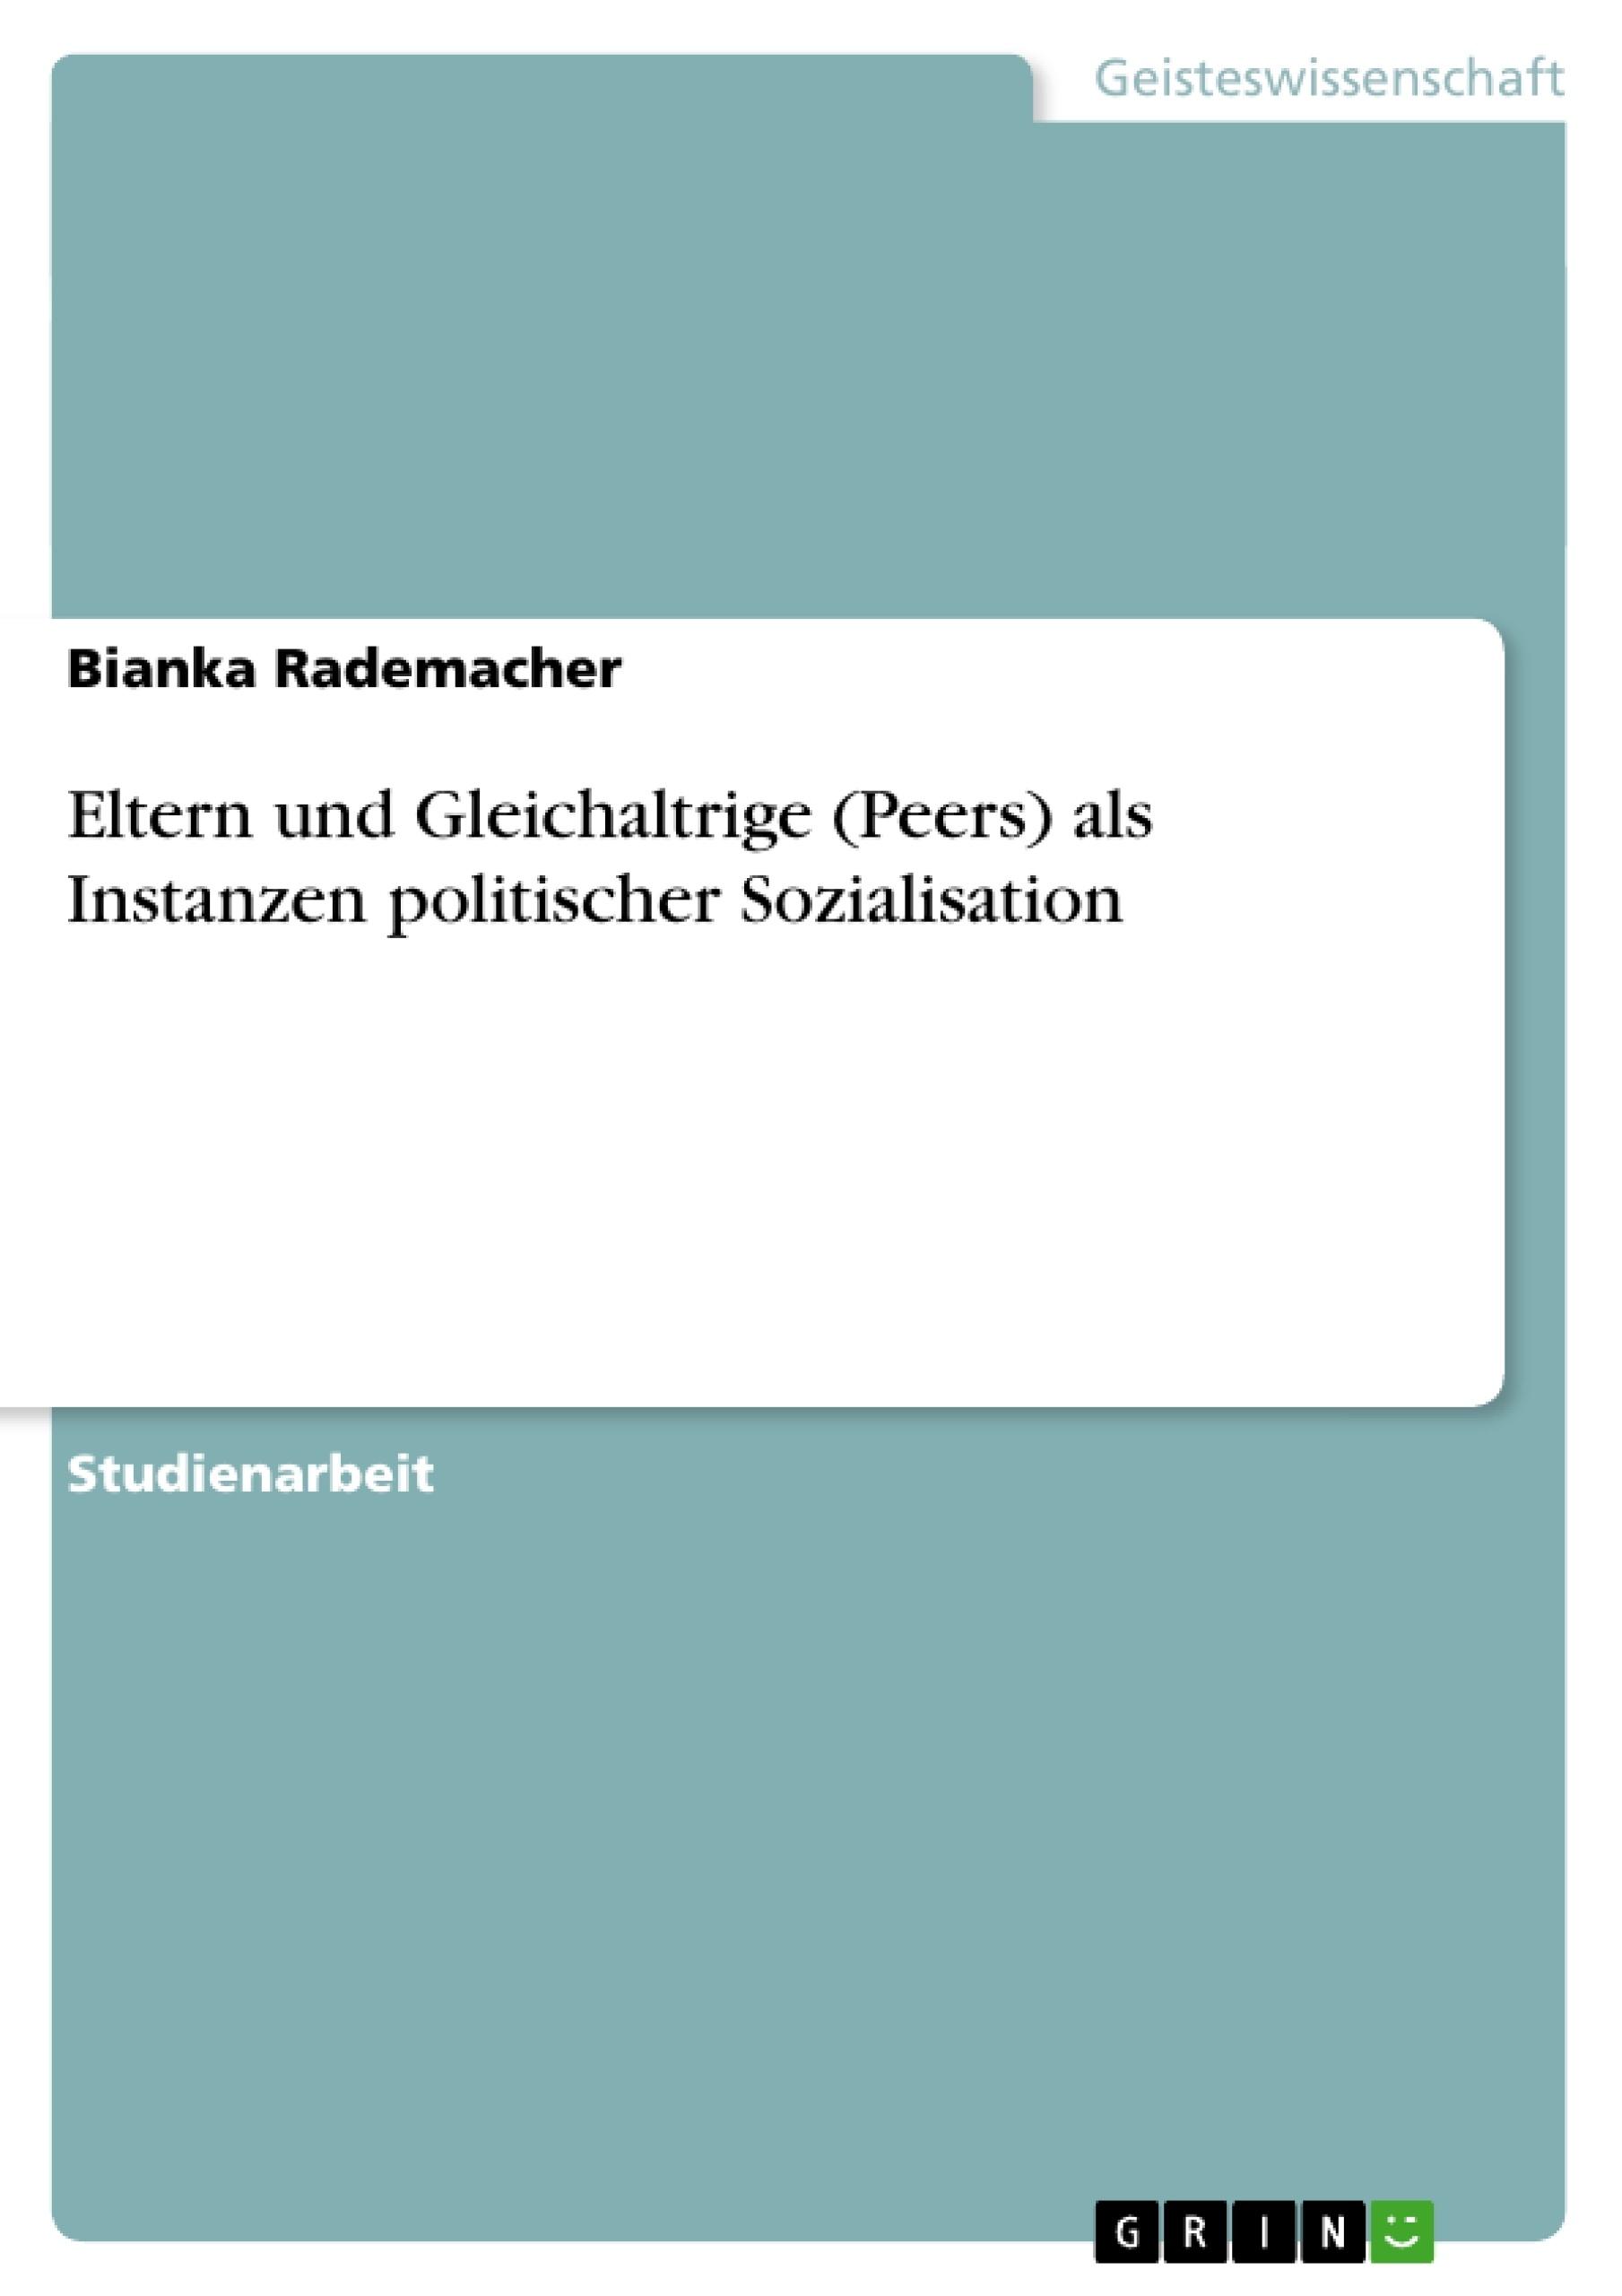 Titel: Eltern und Gleichaltrige (Peers) als Instanzen politischer Sozialisation